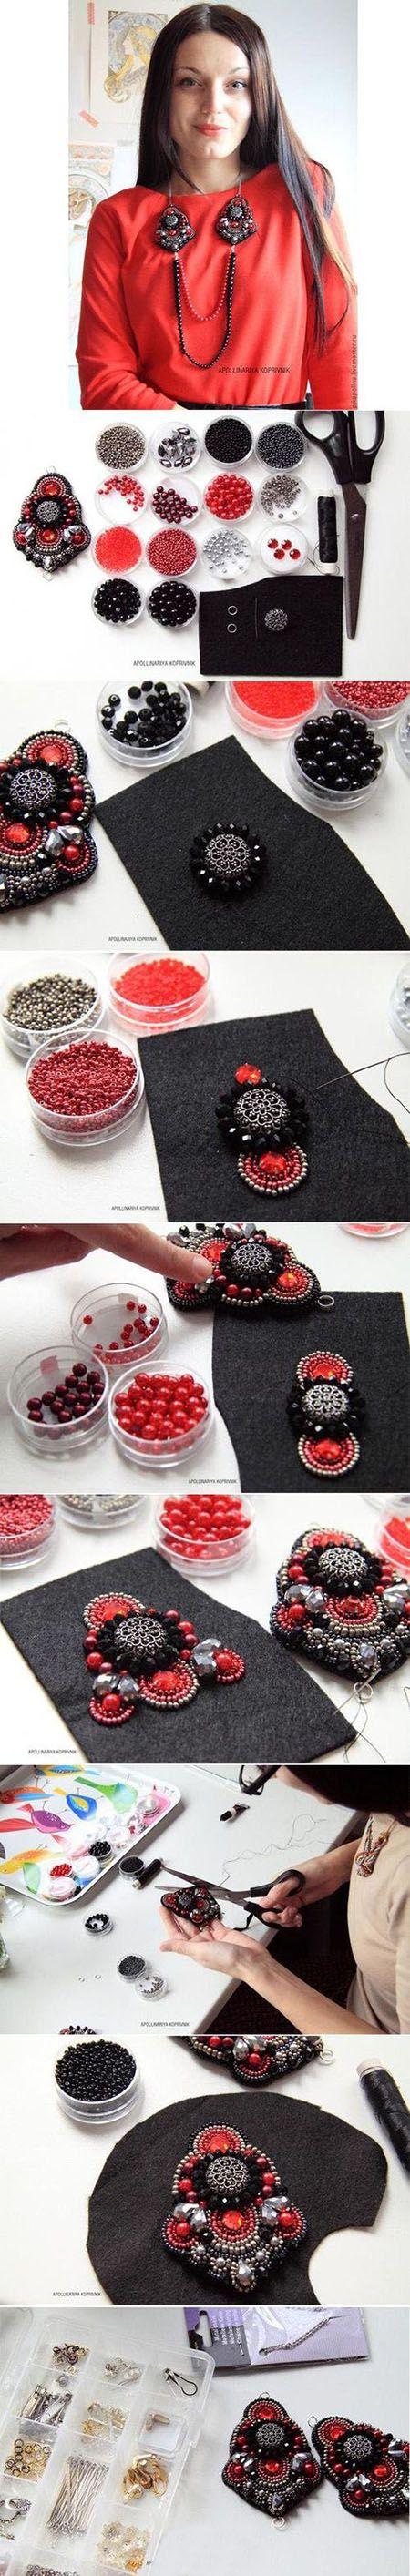 Diy Cool Necklace   DIY & Crafts Tutorials